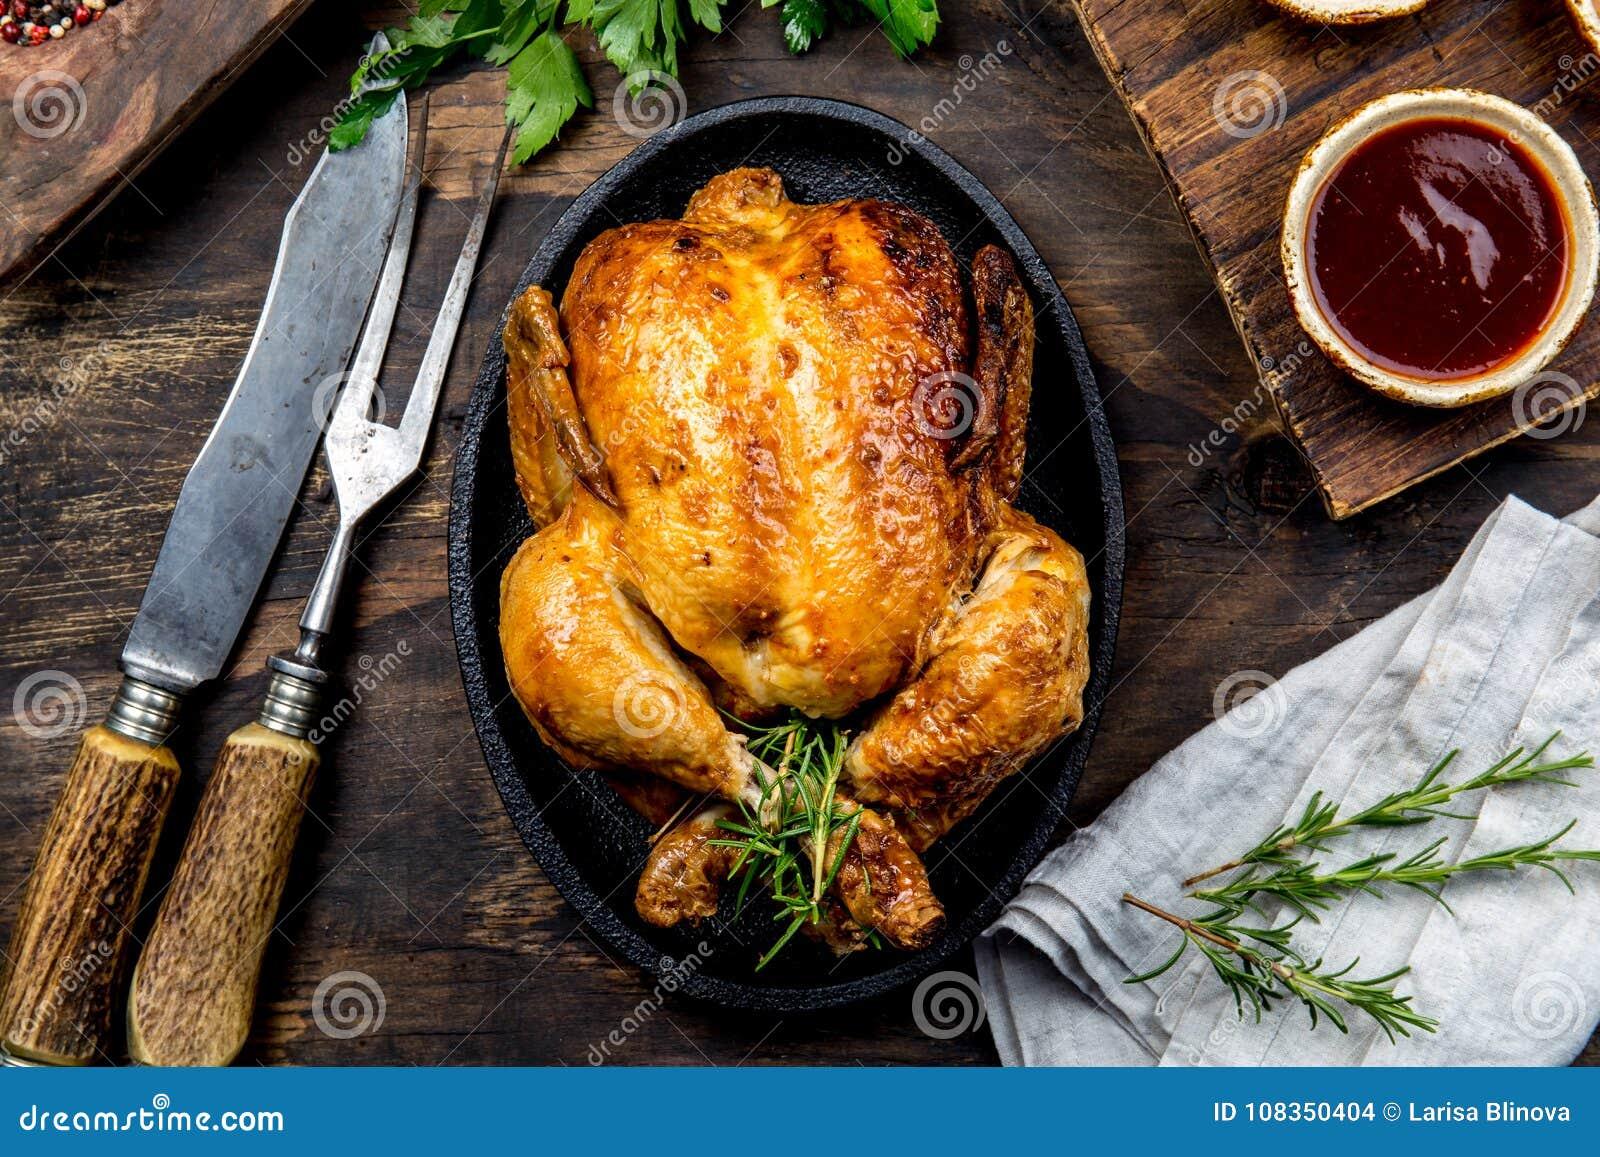 Το ψημένο κοτόπουλο με το δεντρολίβανο εξυπηρέτησε στο μαύρο πιάτο με τις σάλτσες στον ξύλινο πίνακα, τοπ άποψη